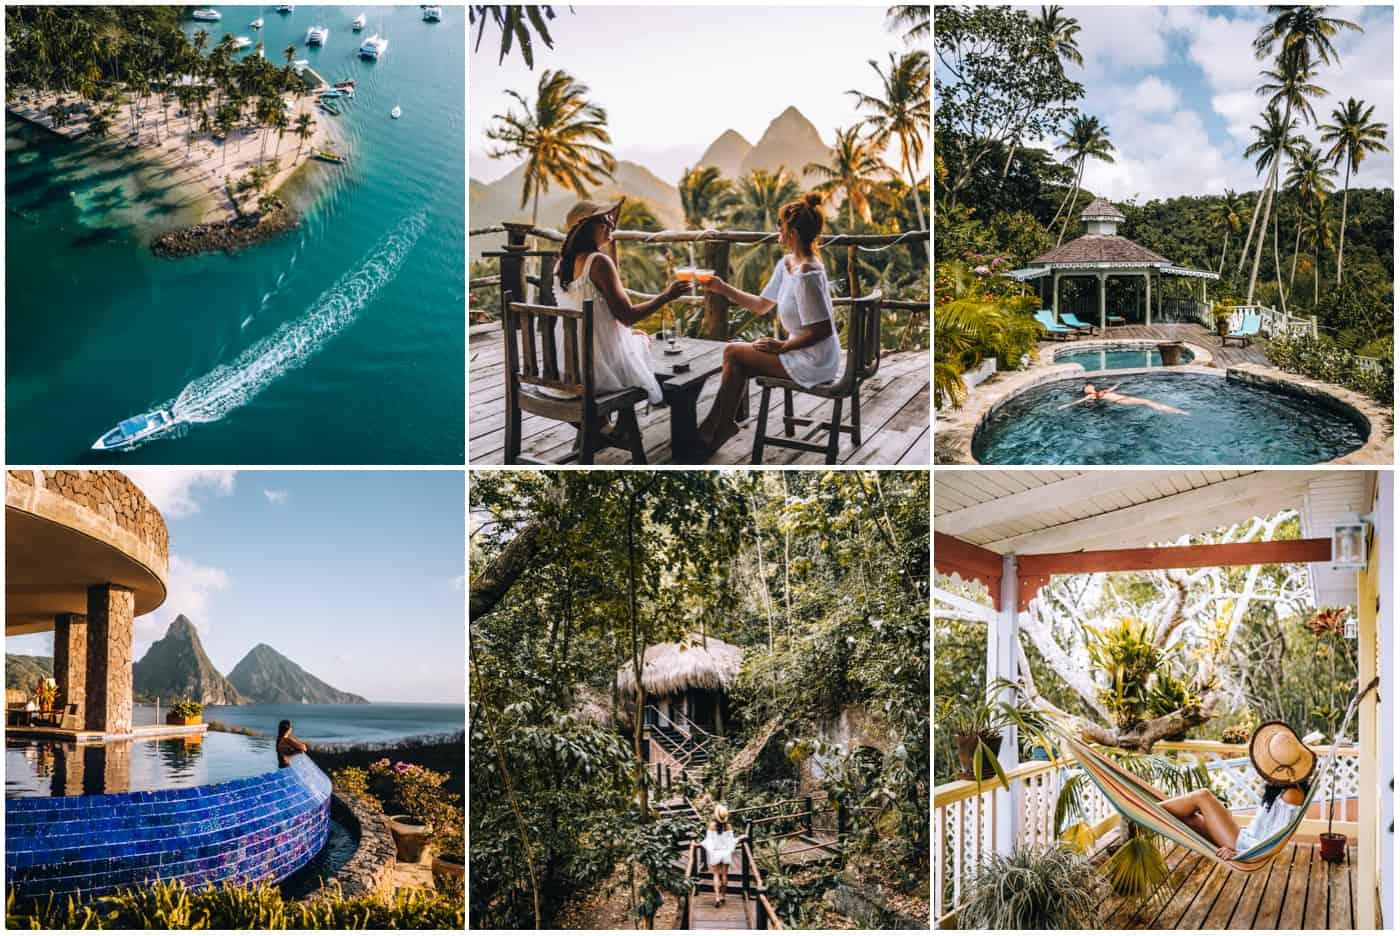 9 Saint Lucia Hotel & Guesthouse Tipps für jedes Budget (65 bis 3.500 USD)